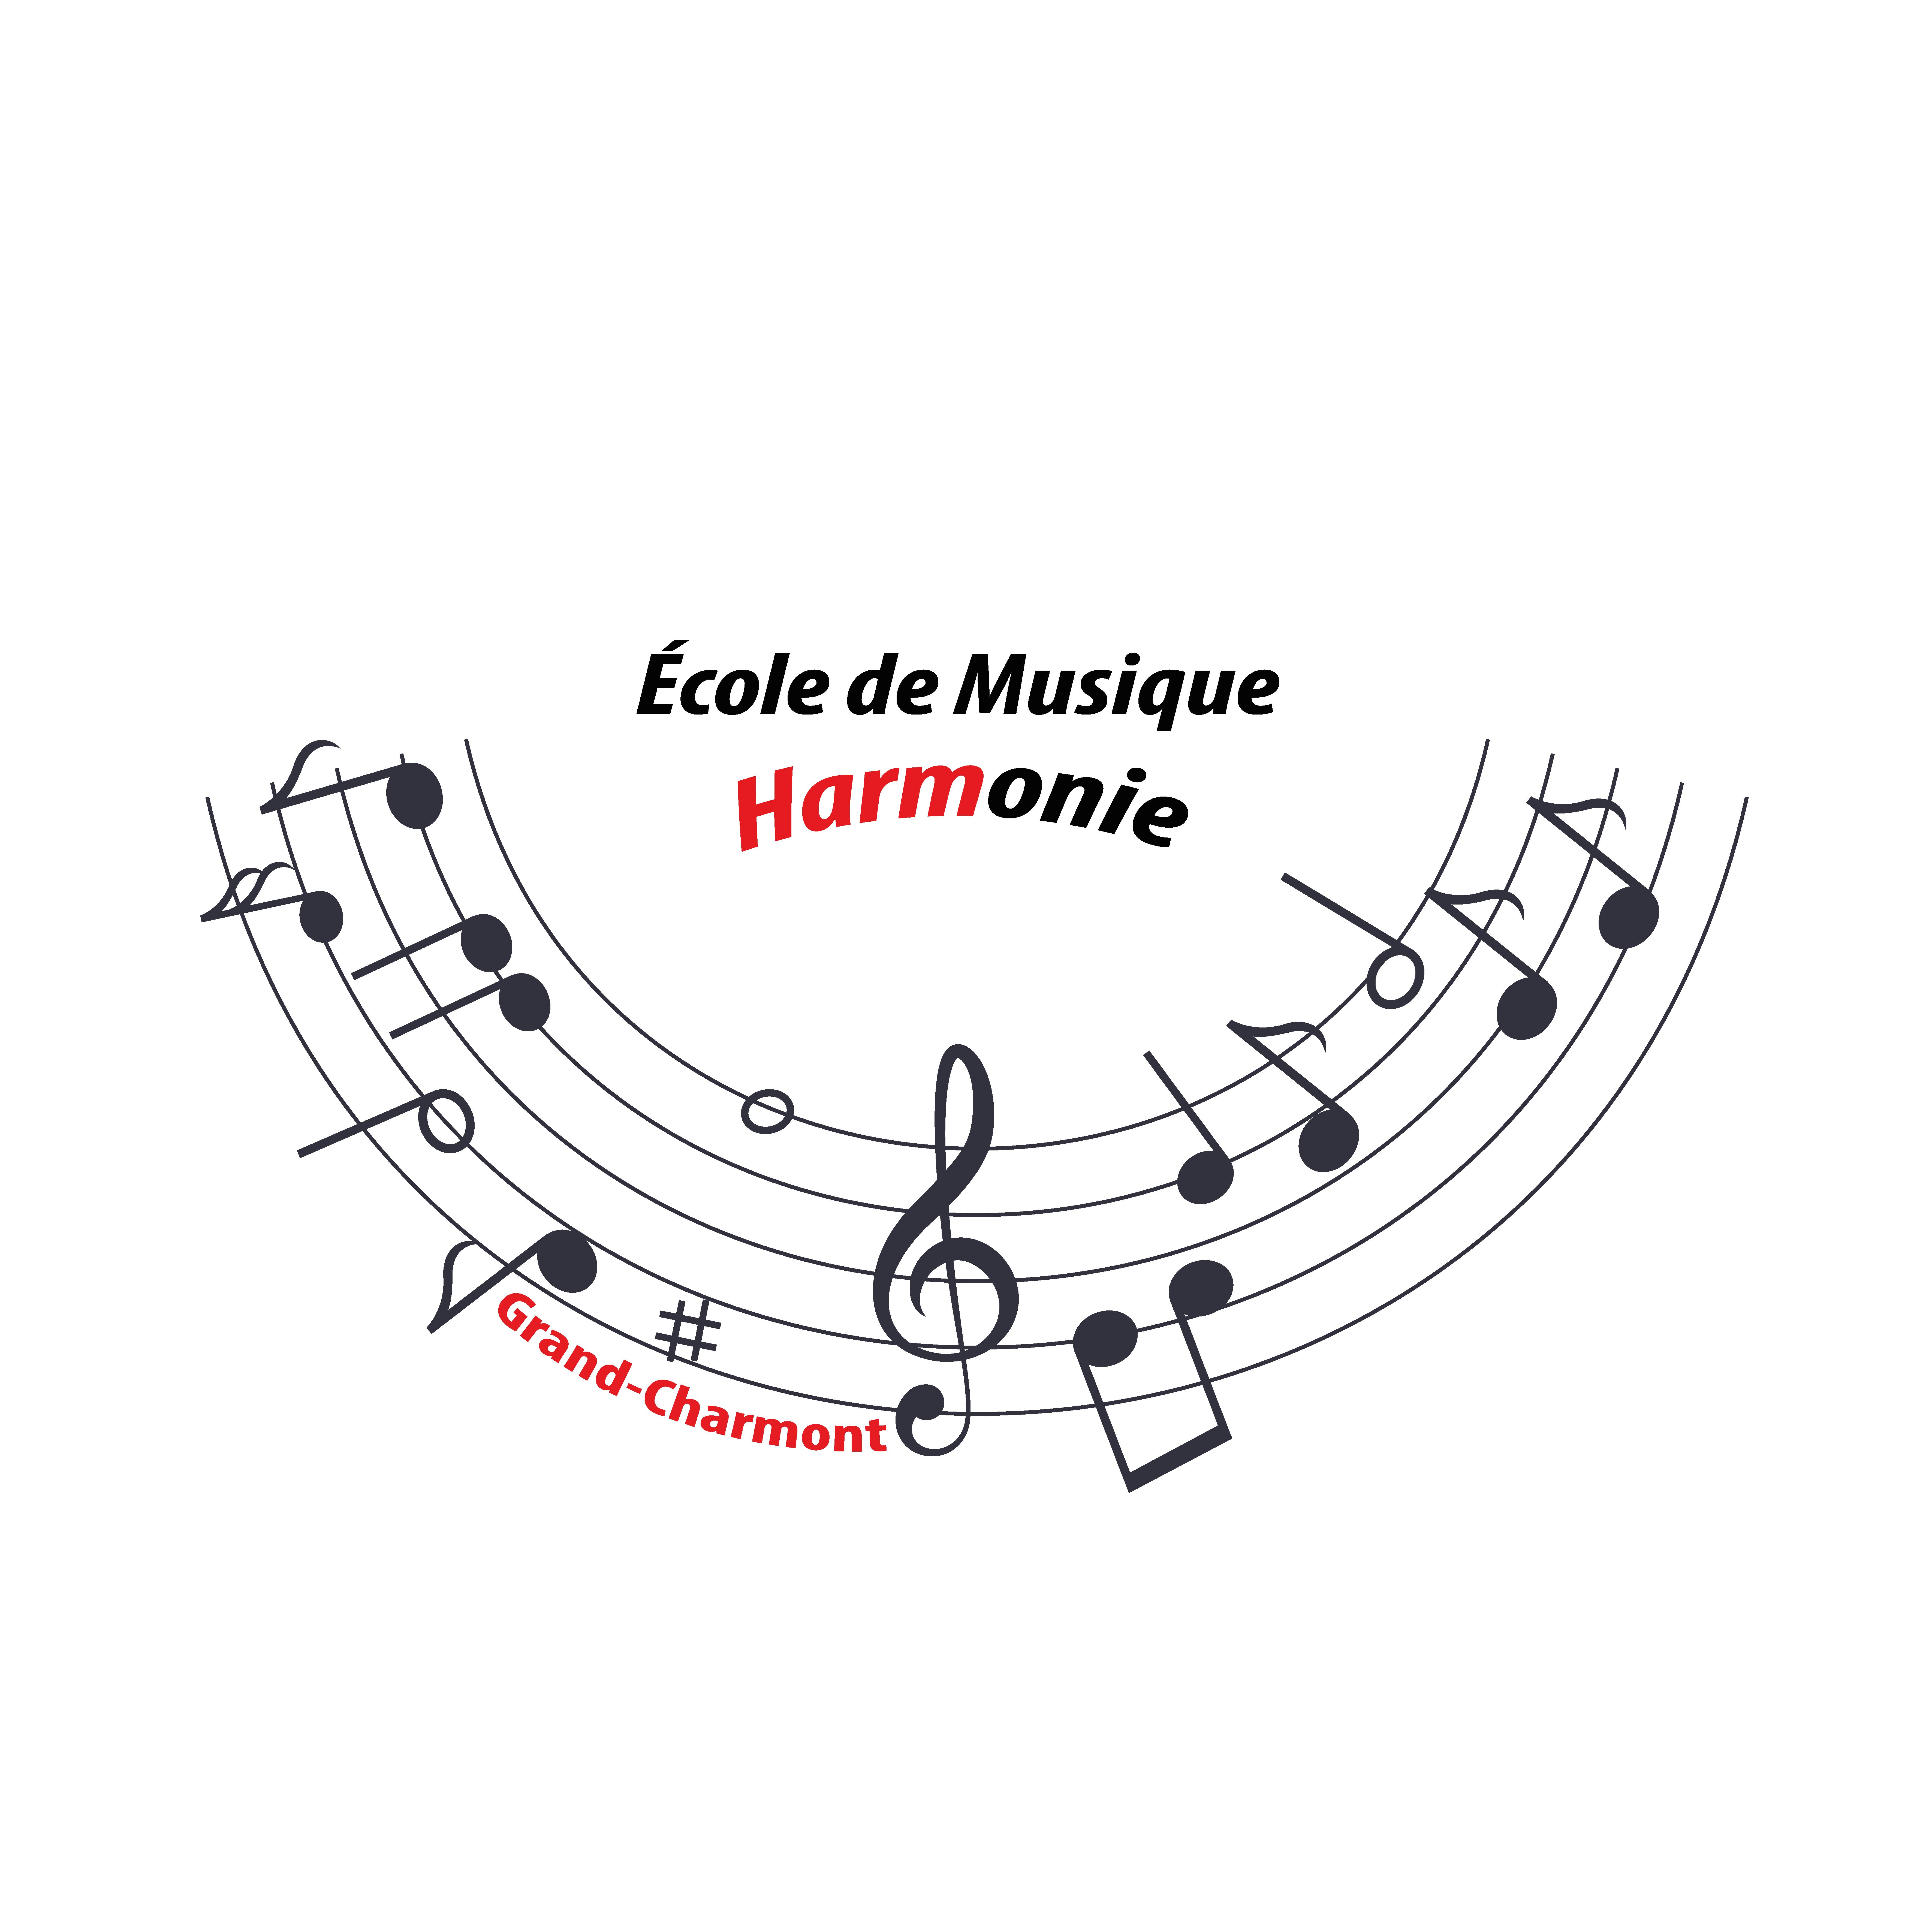 Création de logo pour l'École de Musique de Grand-Charmont